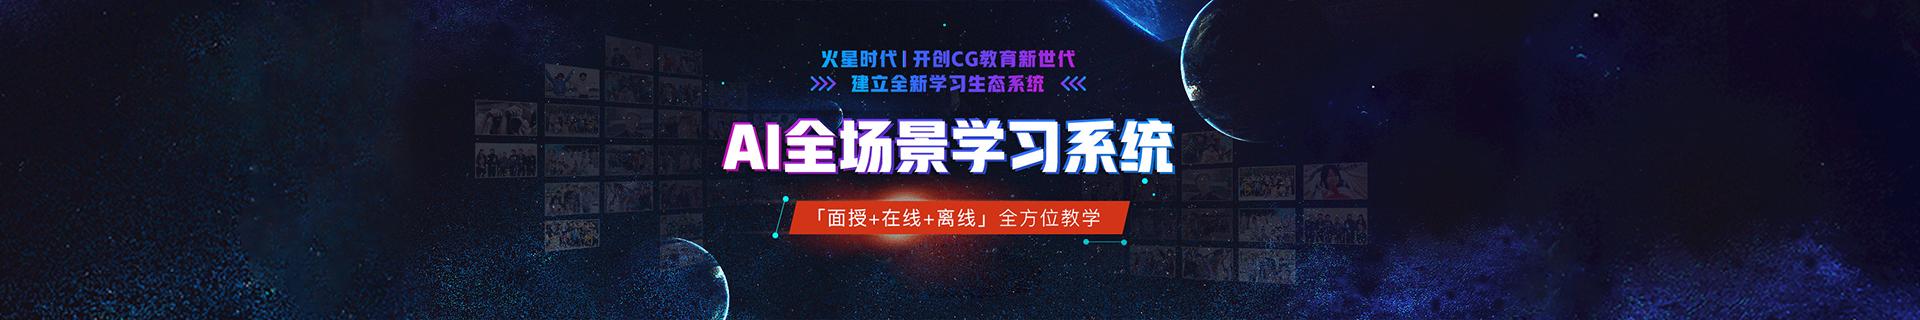 广东深圳火星时代教育